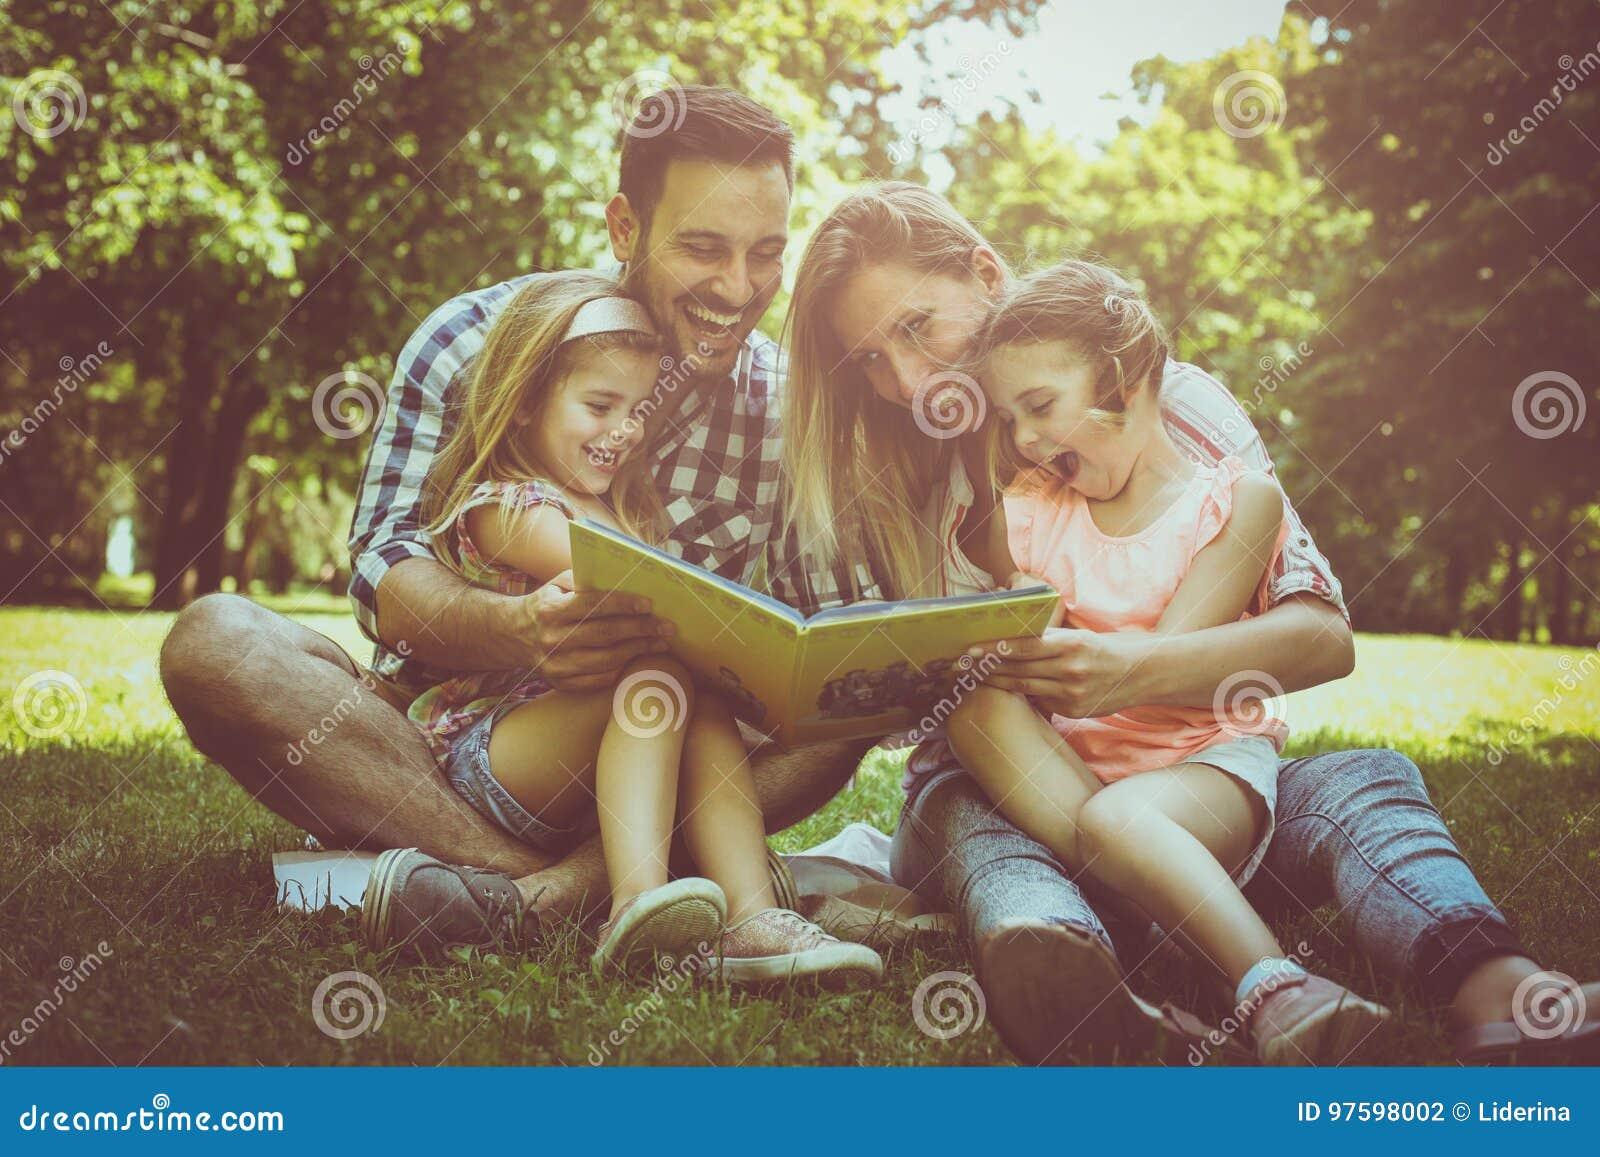 Familj med två barn i ängläsebok tillsammans